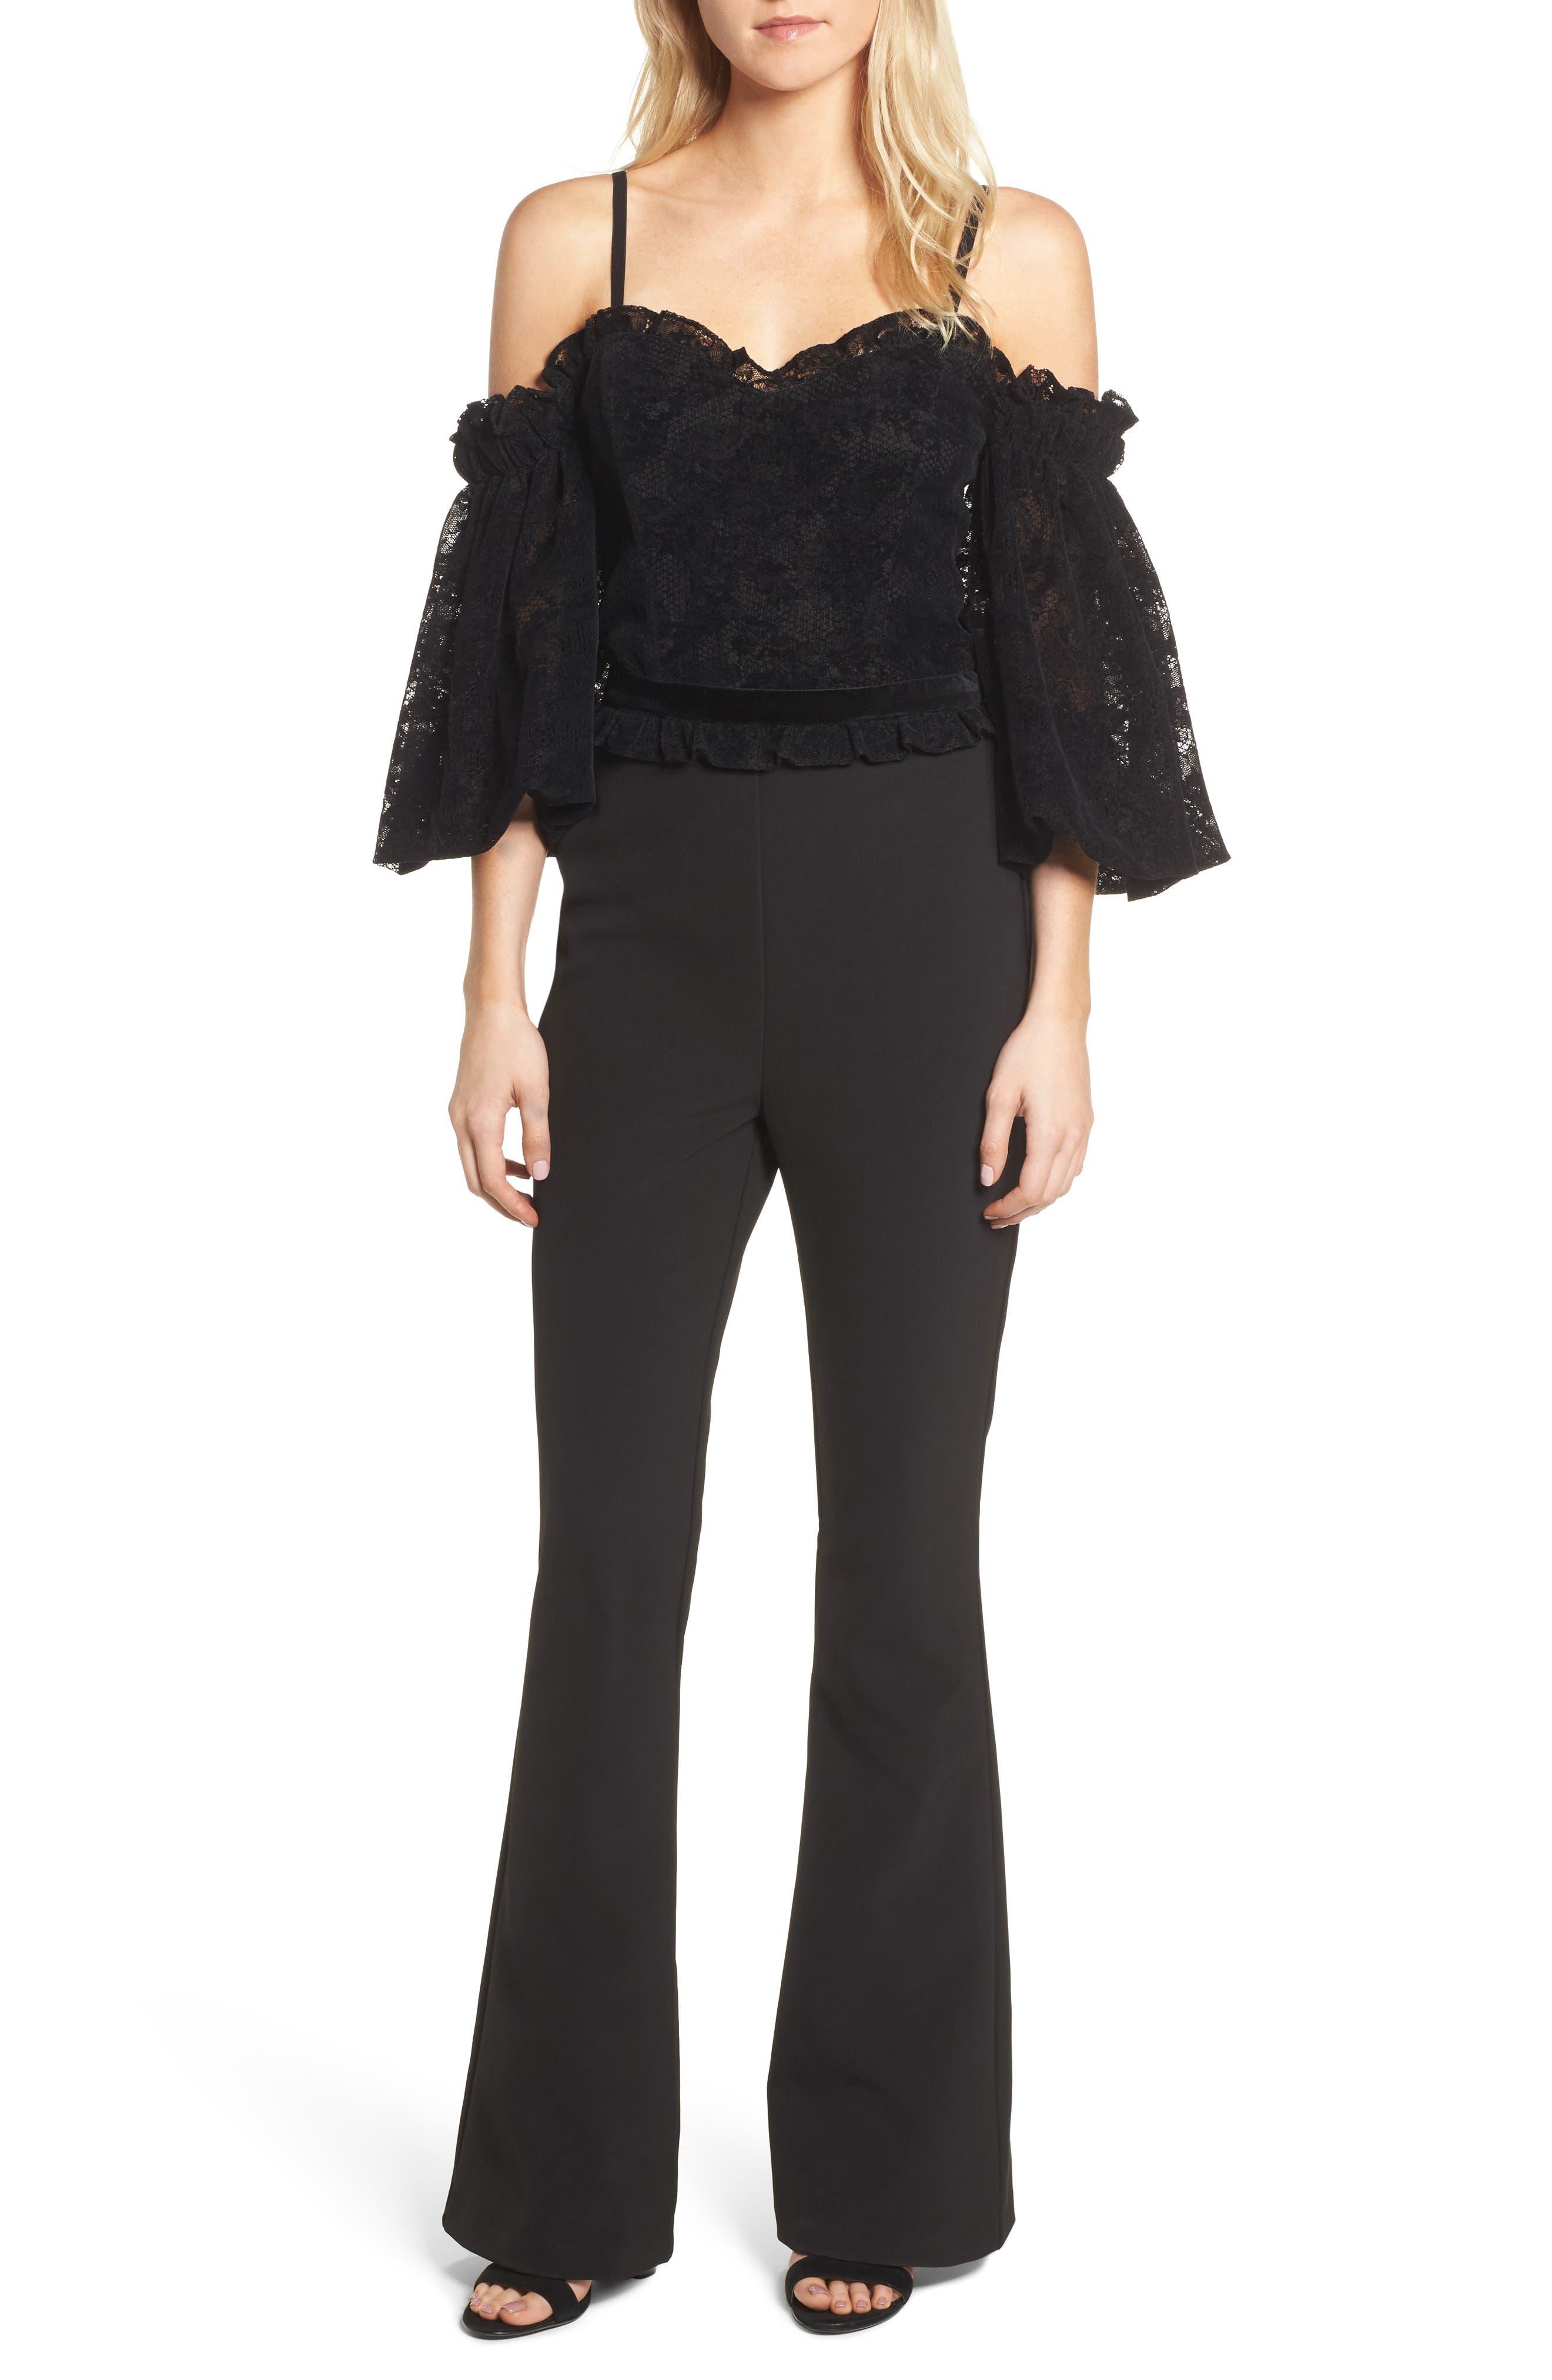 Rowen Off the Shoulder Jumpsuit,                         Main,                         color, Black